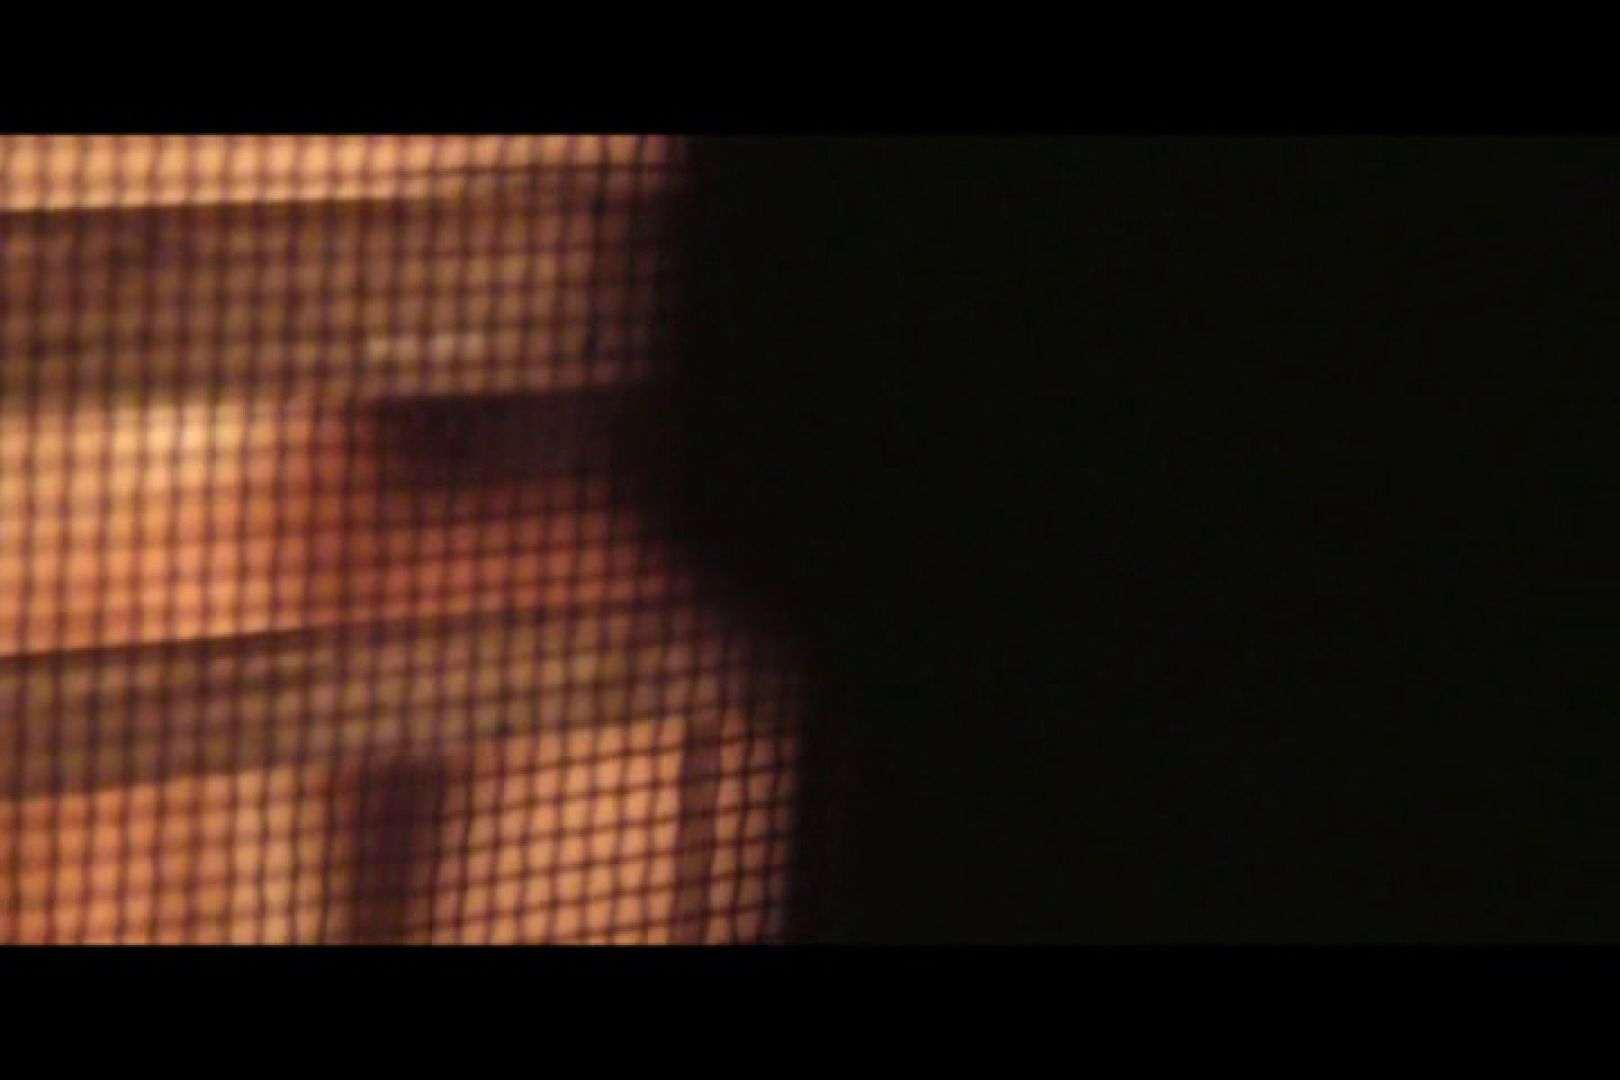 投稿者ハイロスさんのドキドキ覗き主観!VOL.01(一般女性5名 民家浴場編) 民家 ヌード画像 92連発 9